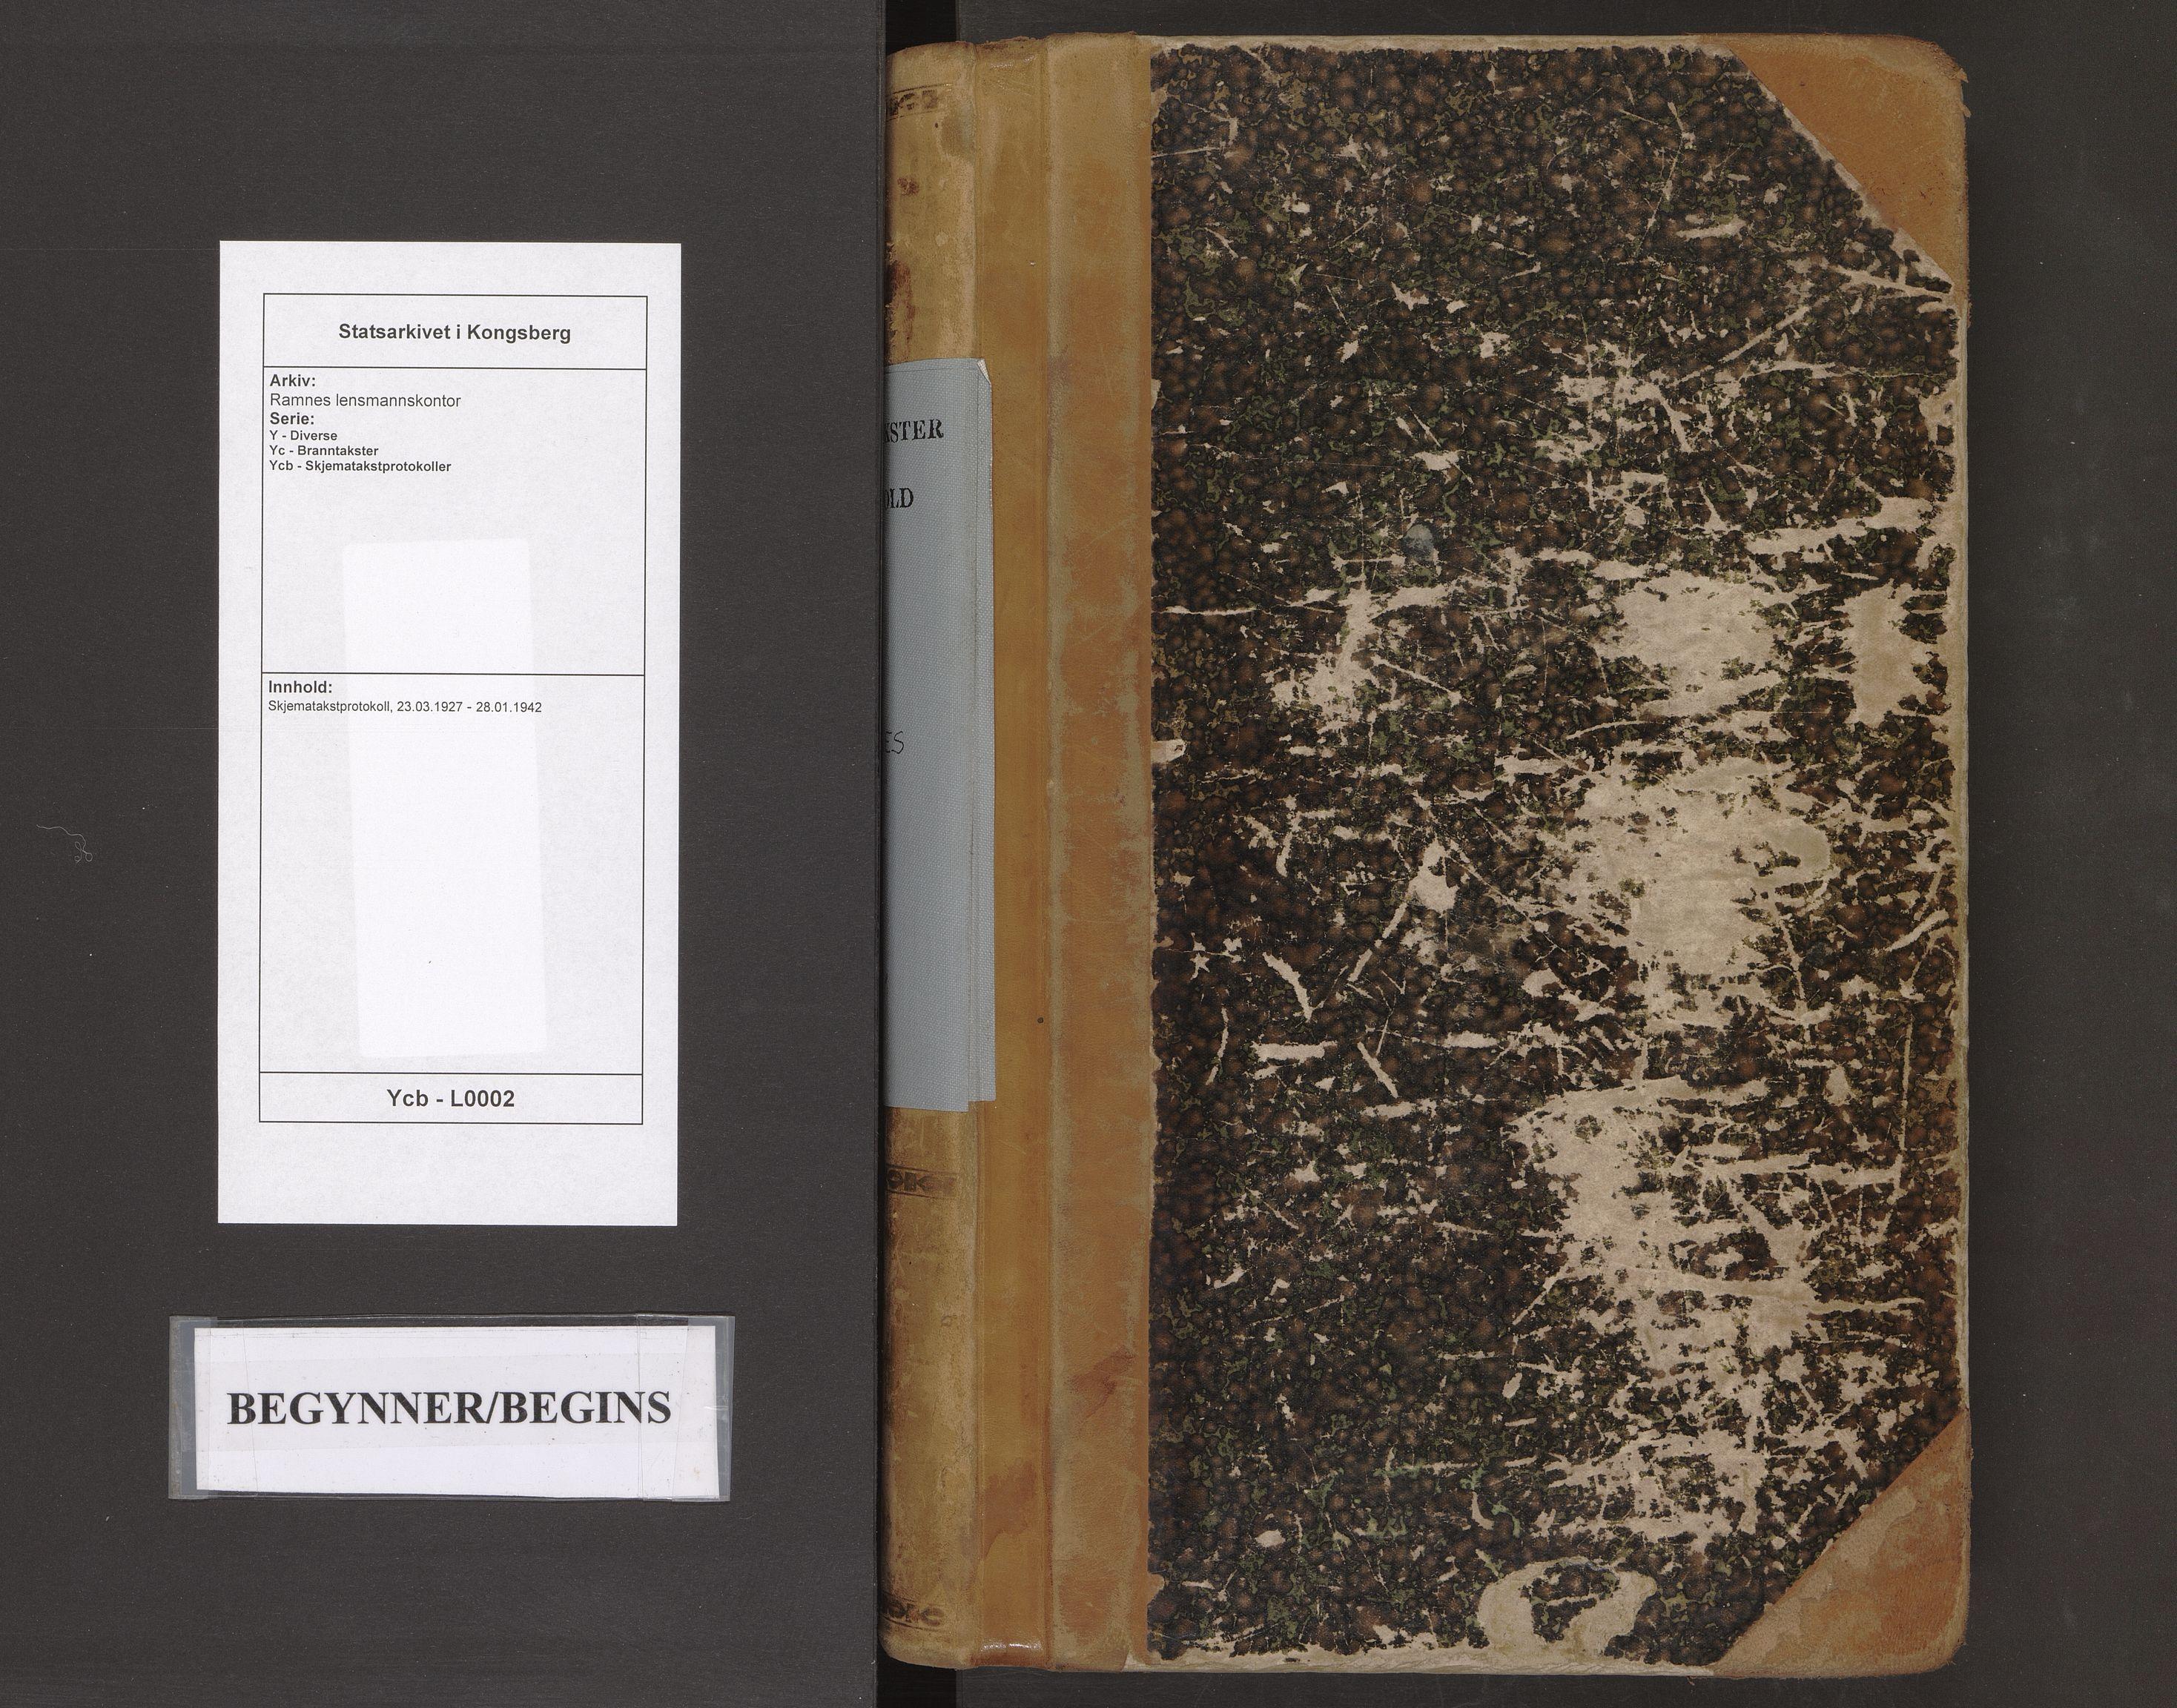 SAKO, Ramnes lensmannskontor, Y/Yc/Ycb/L0002: Skjematakstprotokoll, 1927-1942